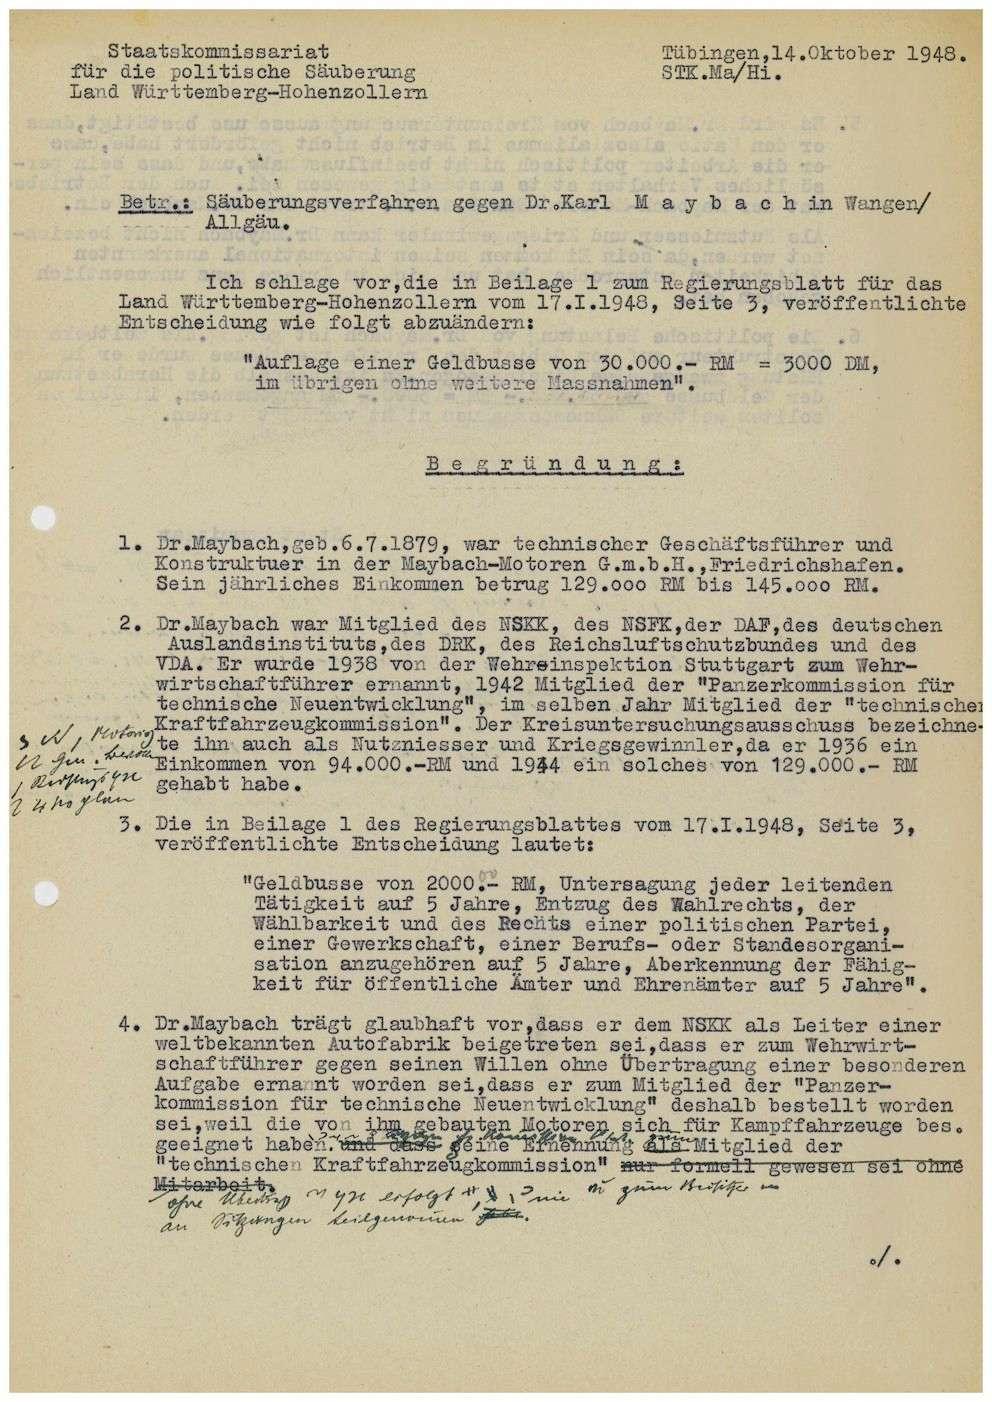 Maybach, Karl, Dr., Bild 1